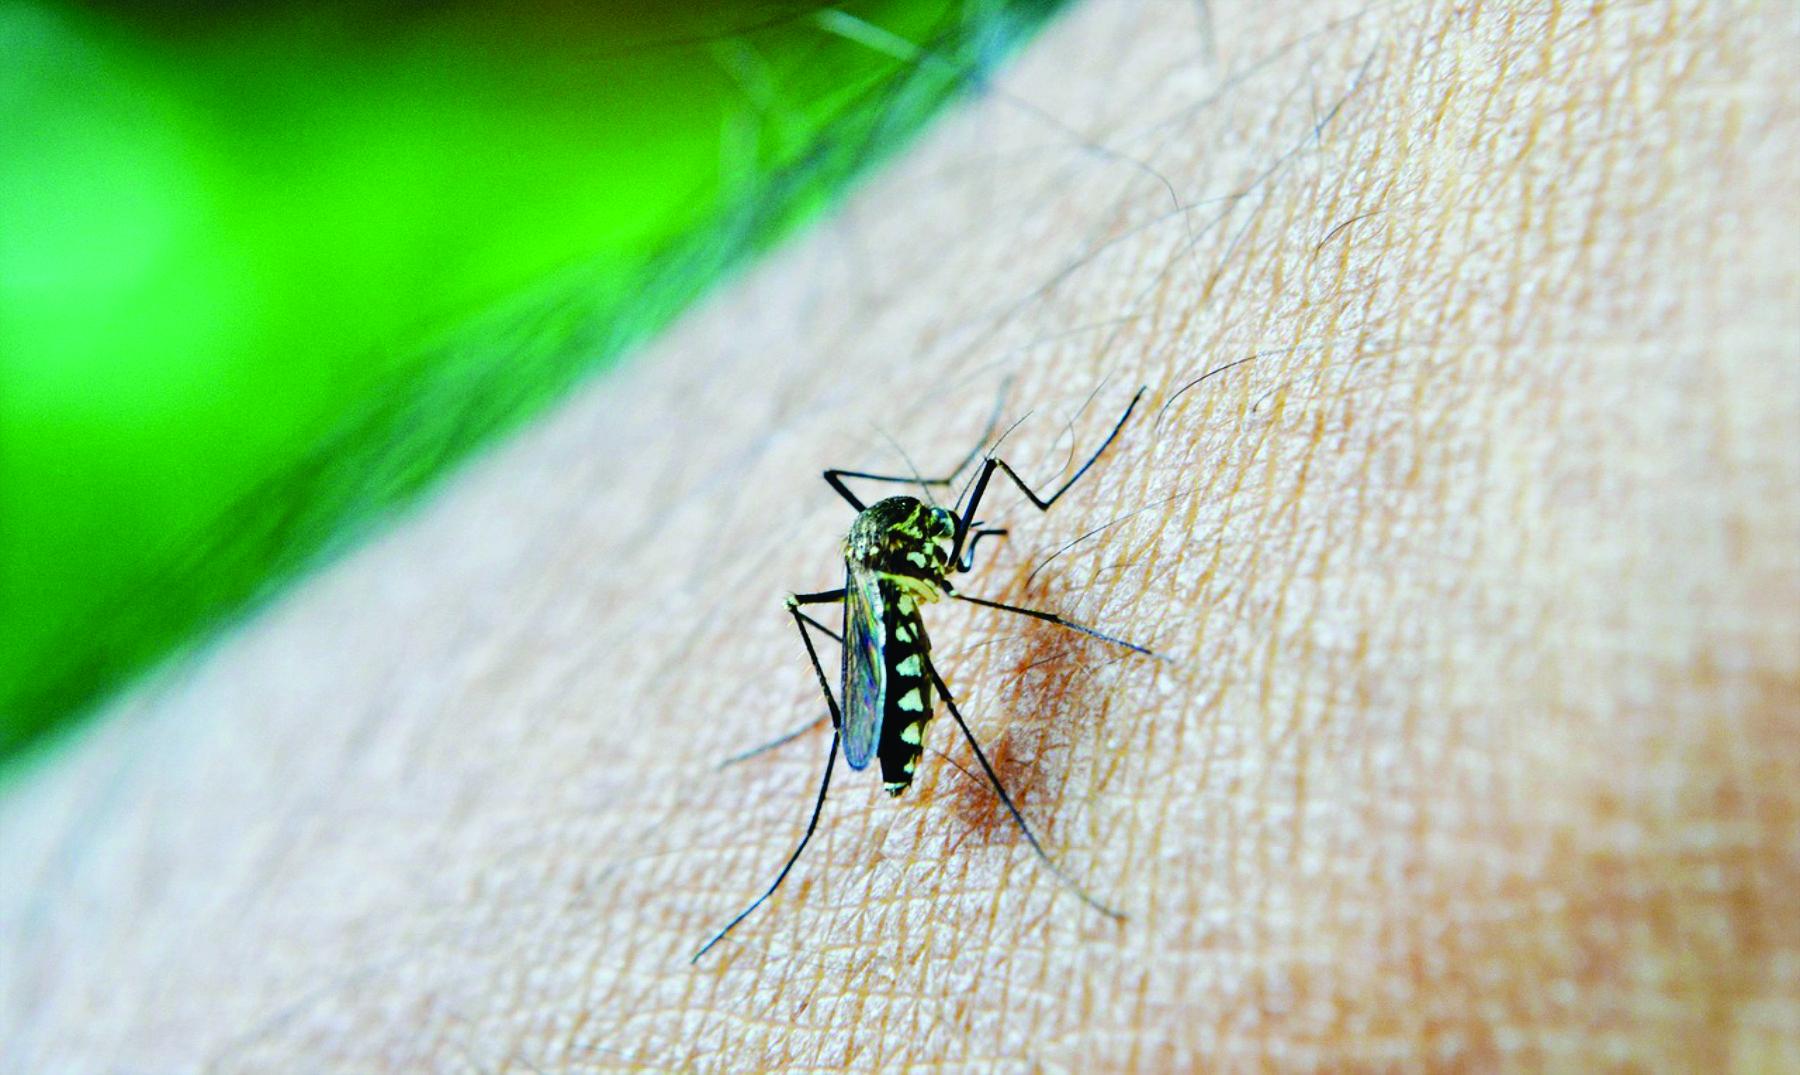 Por qué los mosquitos me pican más?